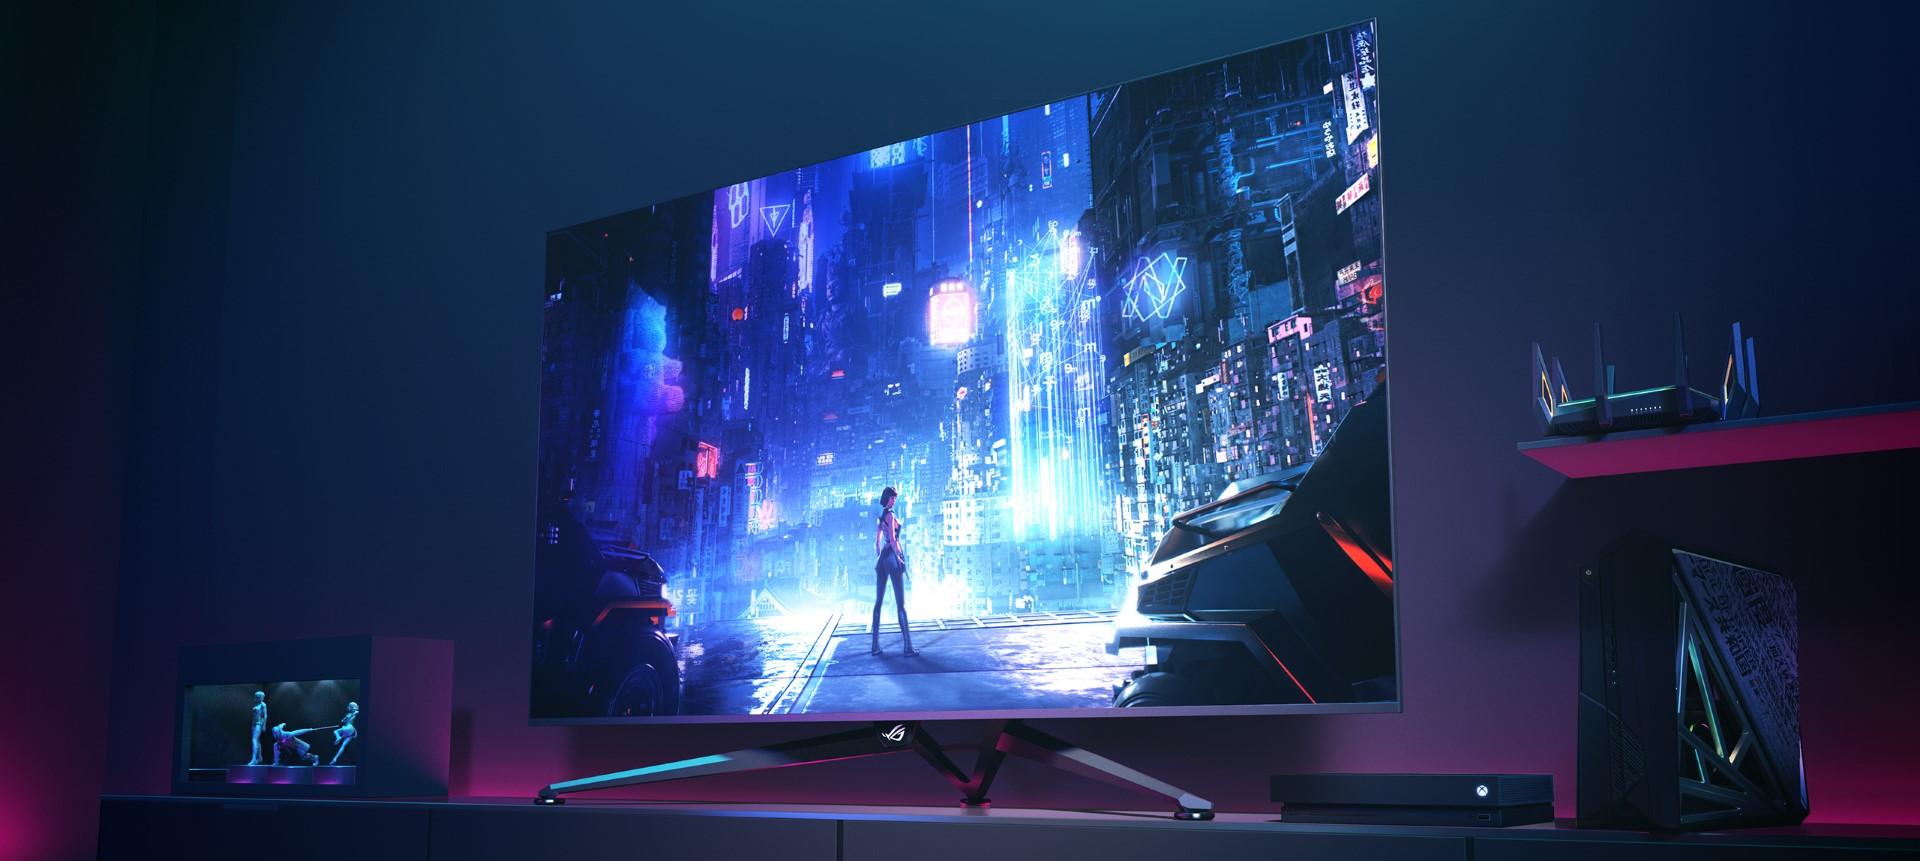 Asus İki Yeni Gaming Monitörü Duyurdu